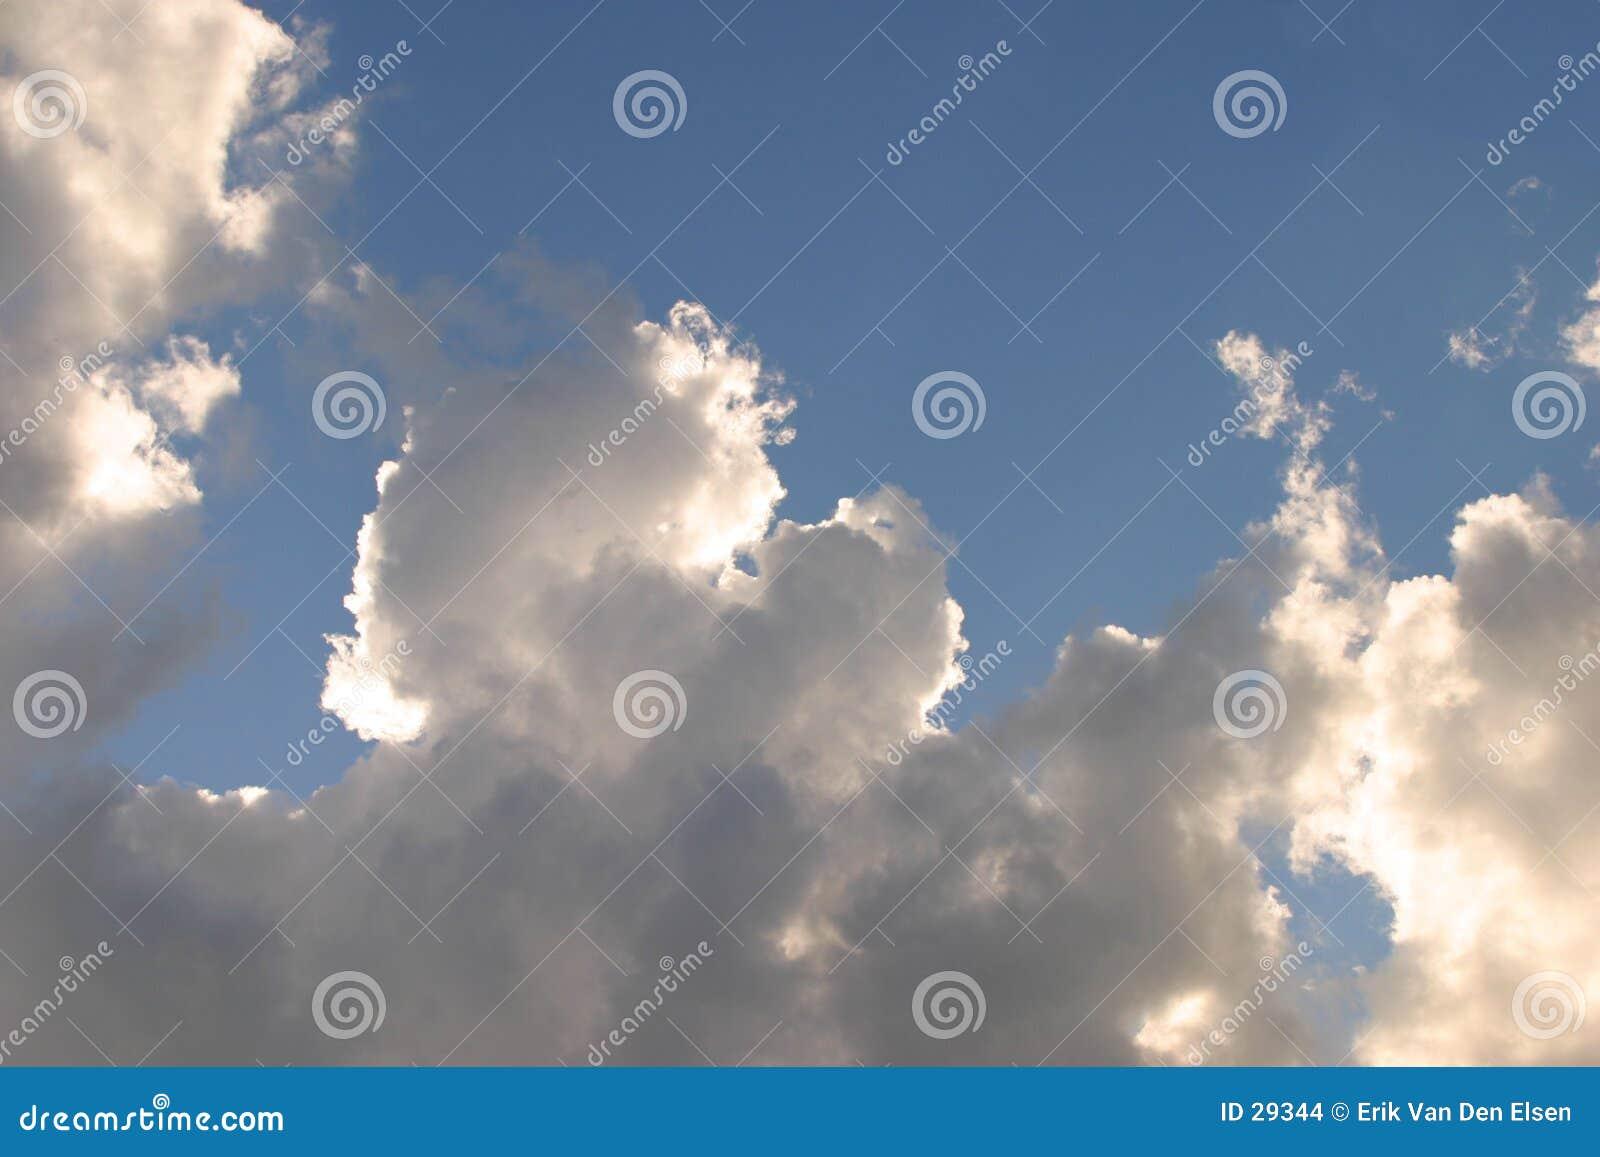 Holländische Wolken